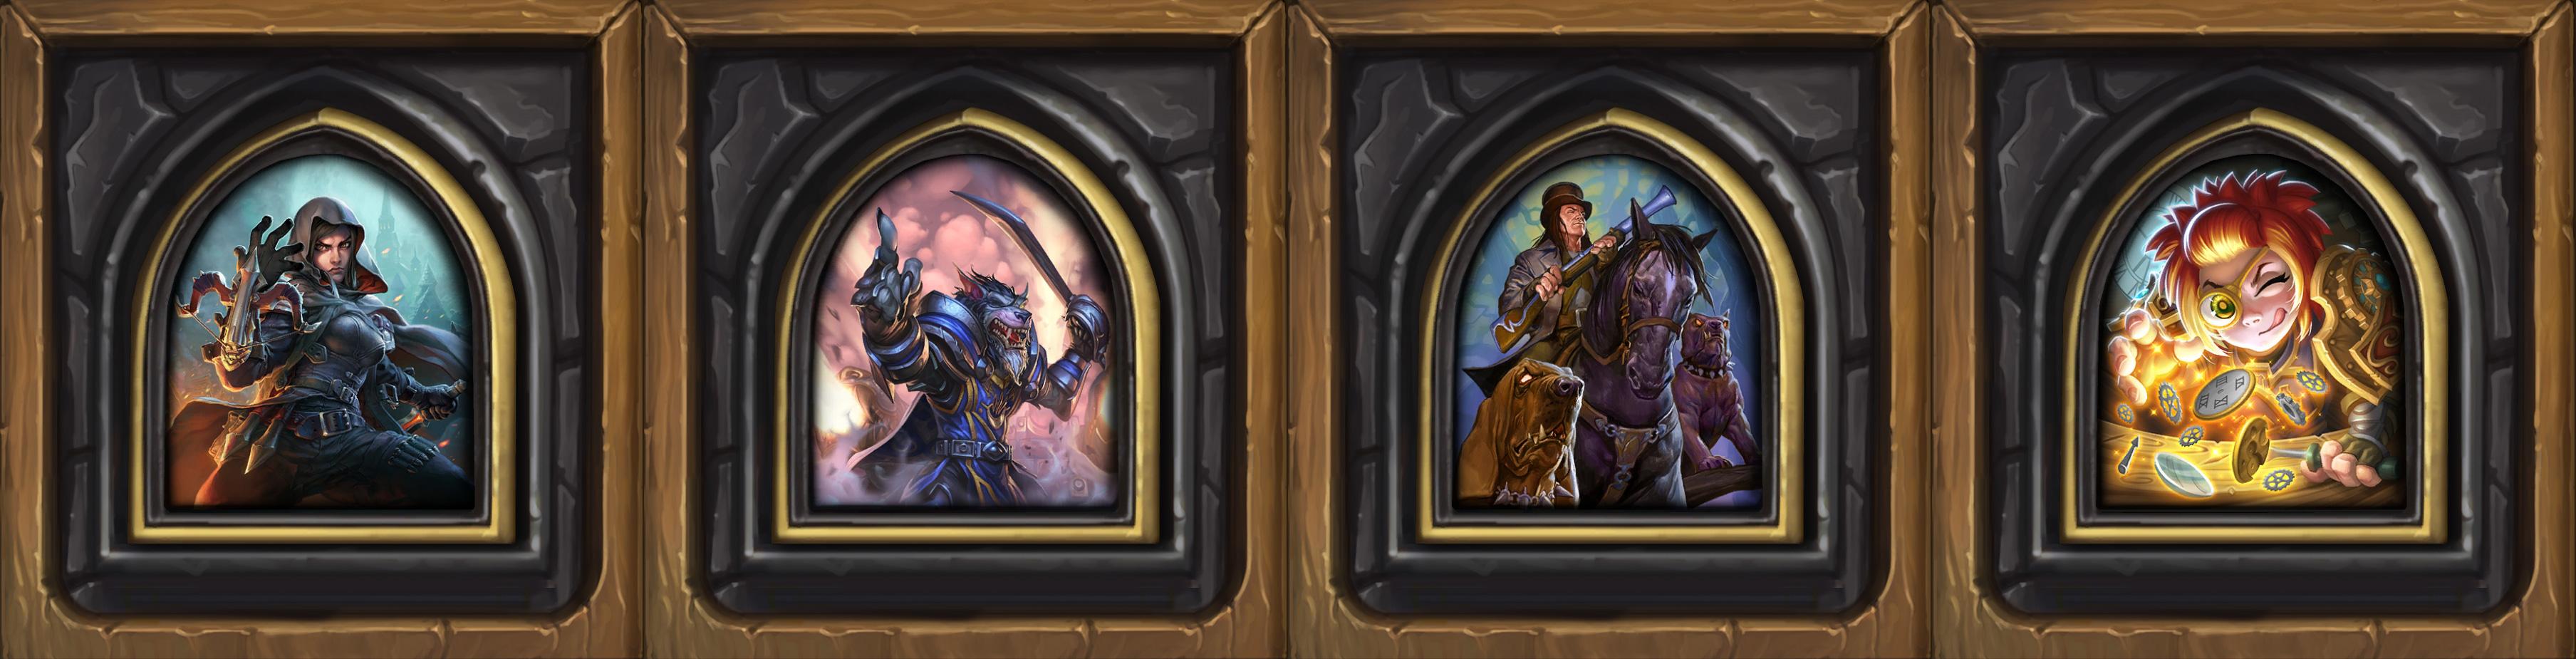 Les quatre héros de la Chasse aux monstres